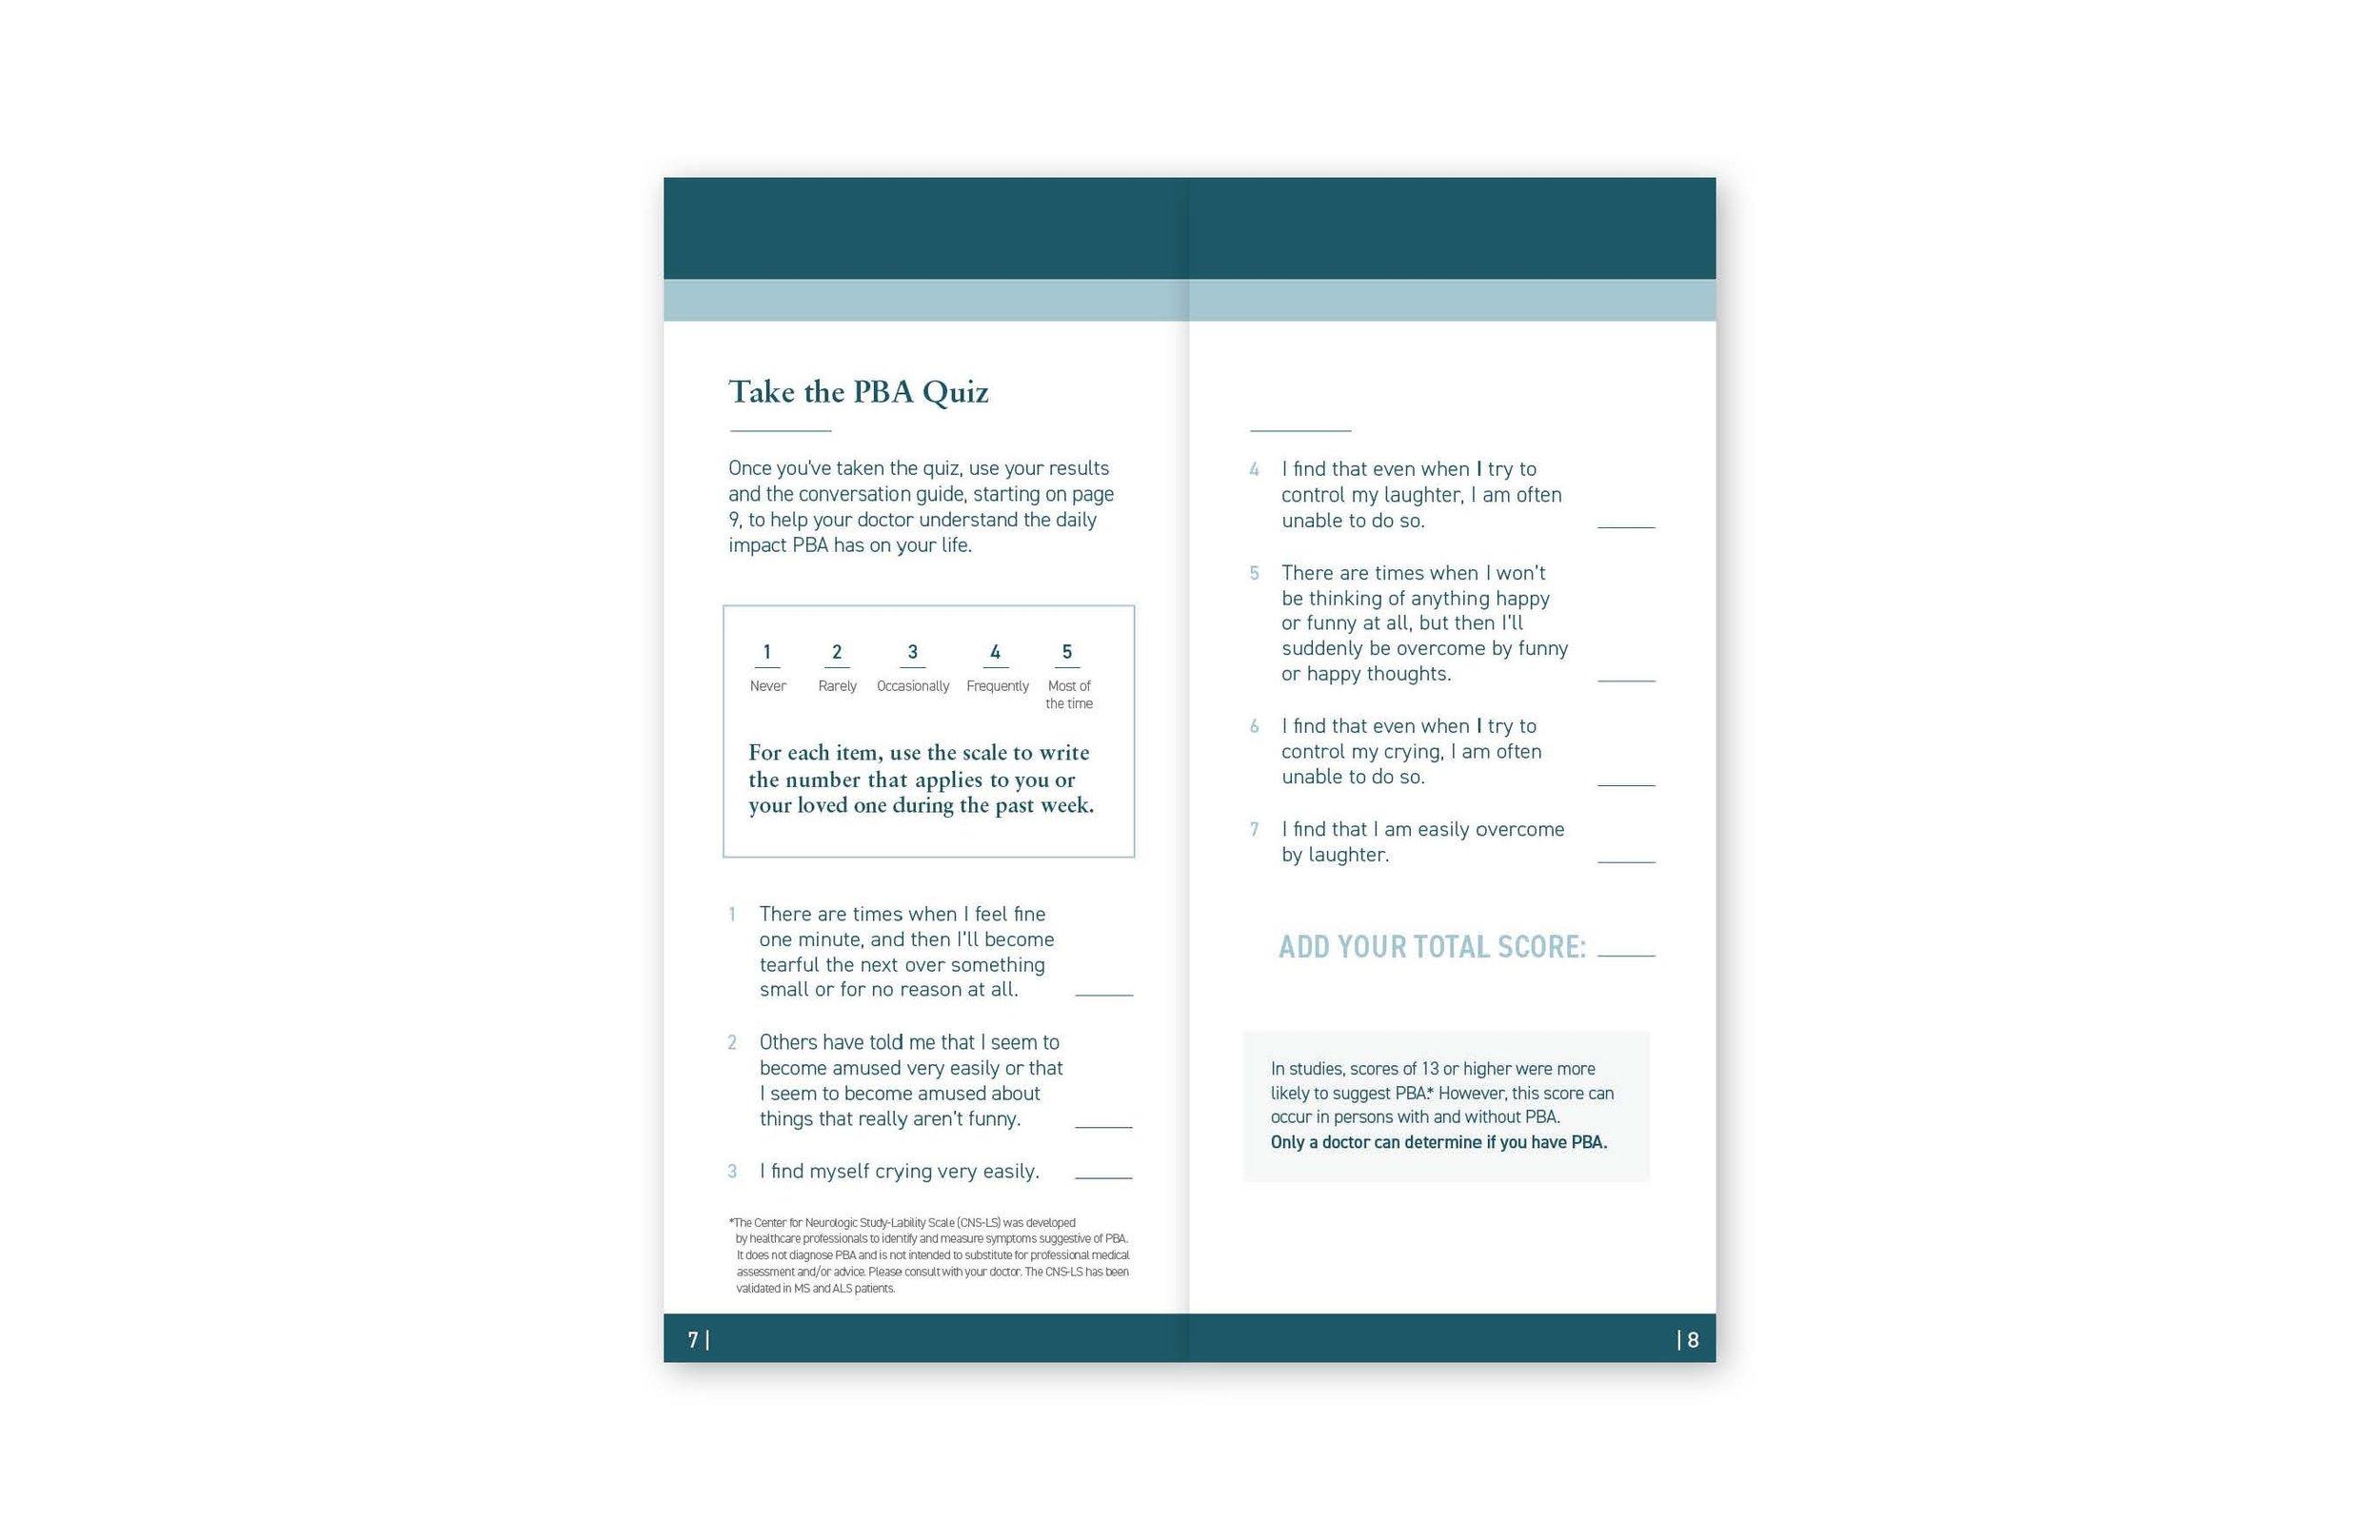 Nuedexta-Brochure-R4JPEG_Page_07.jpg